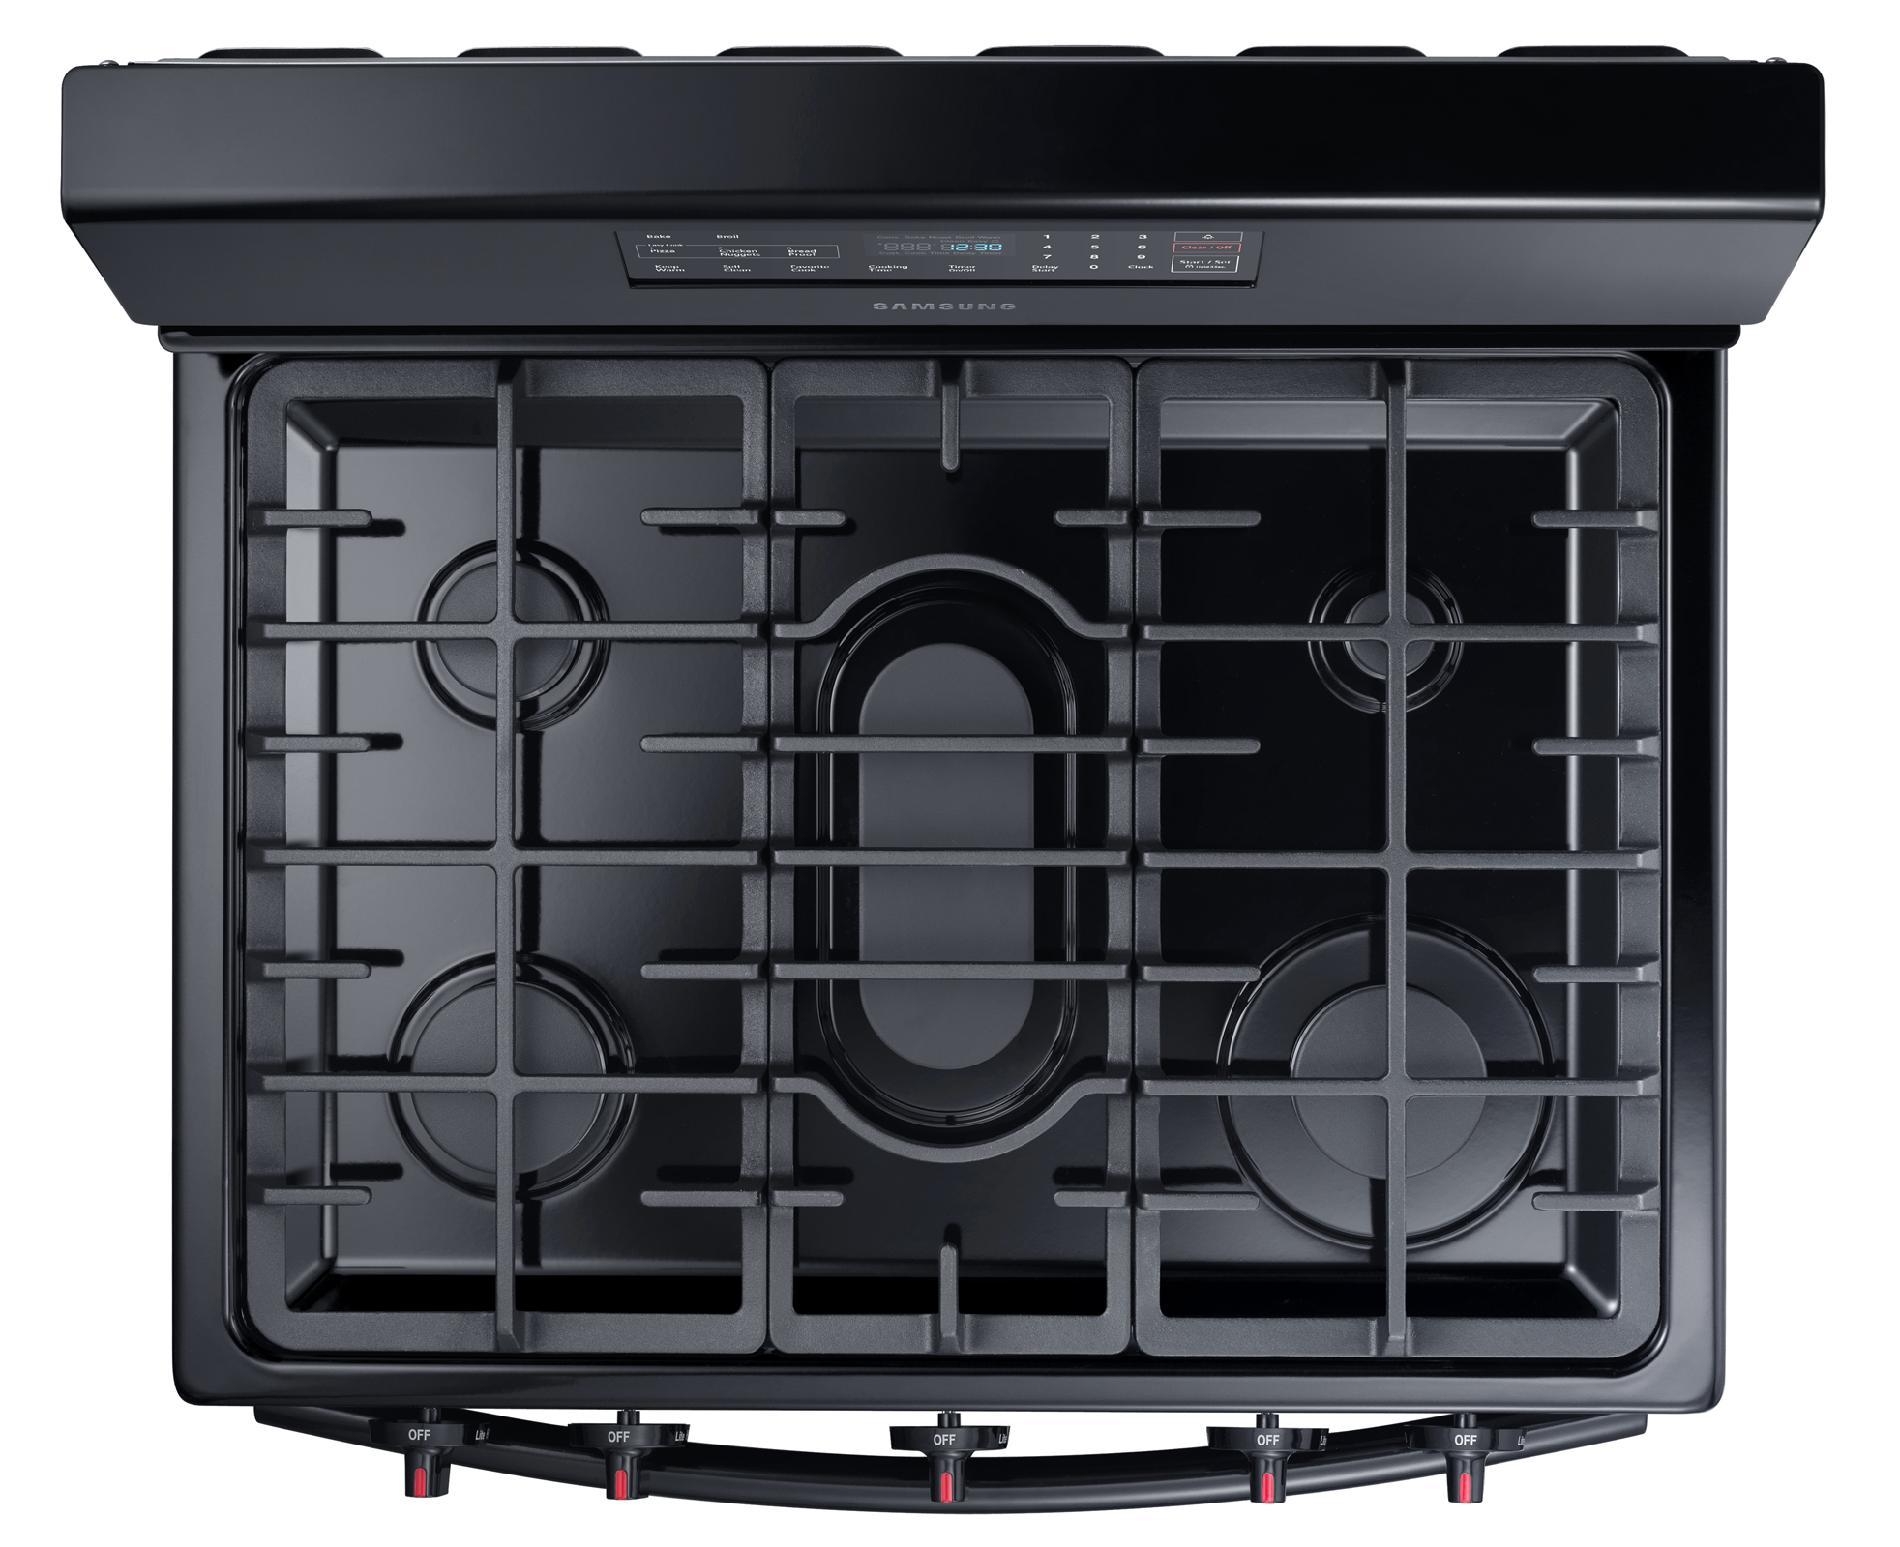 Samsung 5.8 cu. ft. Gas Range w/ Griddle - Black